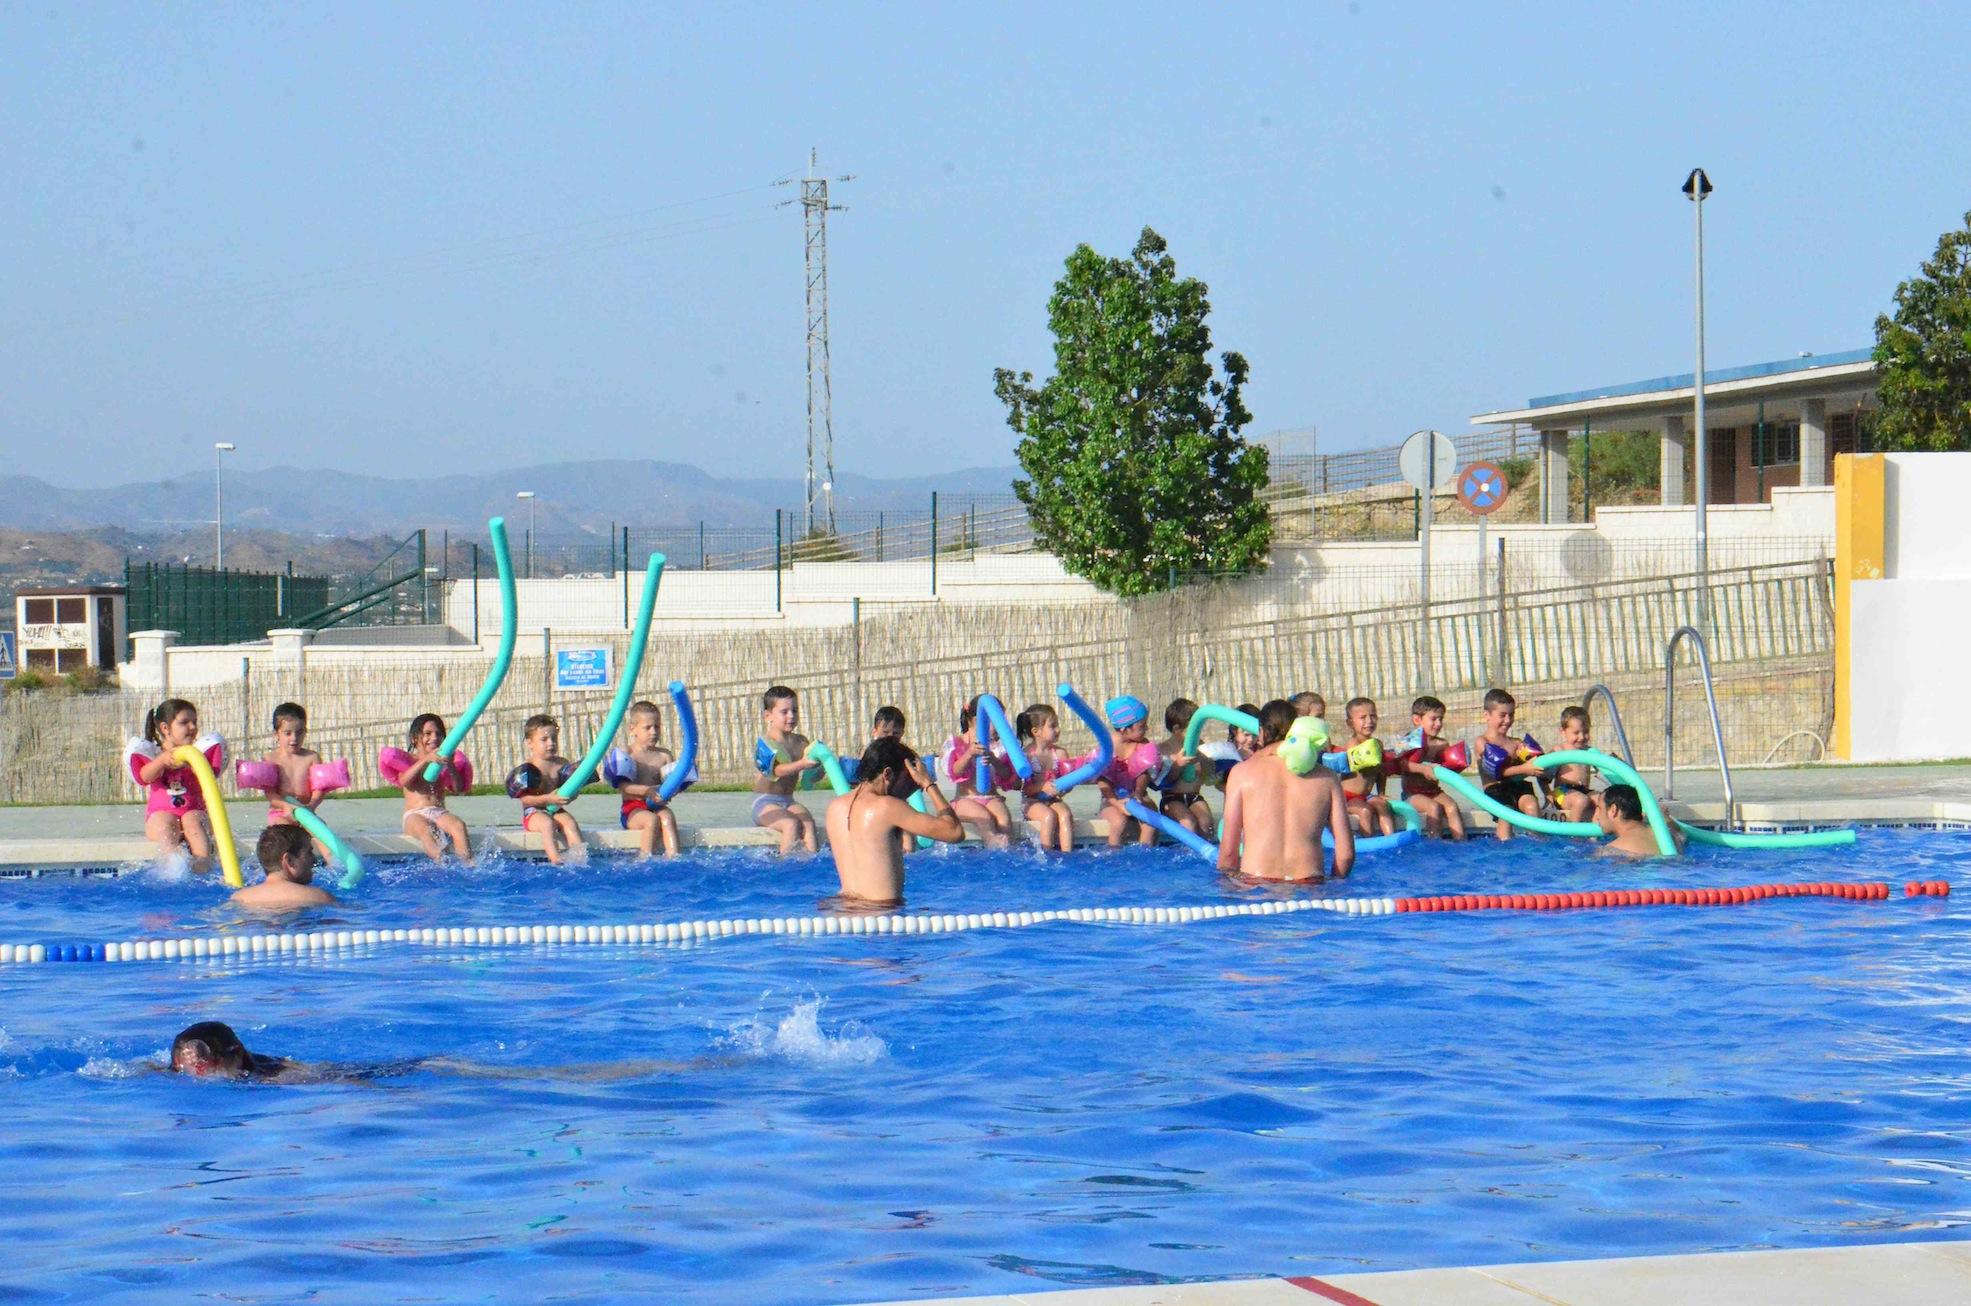 Comienza la campaña de natación con una previsión de cerca de 400 participantes